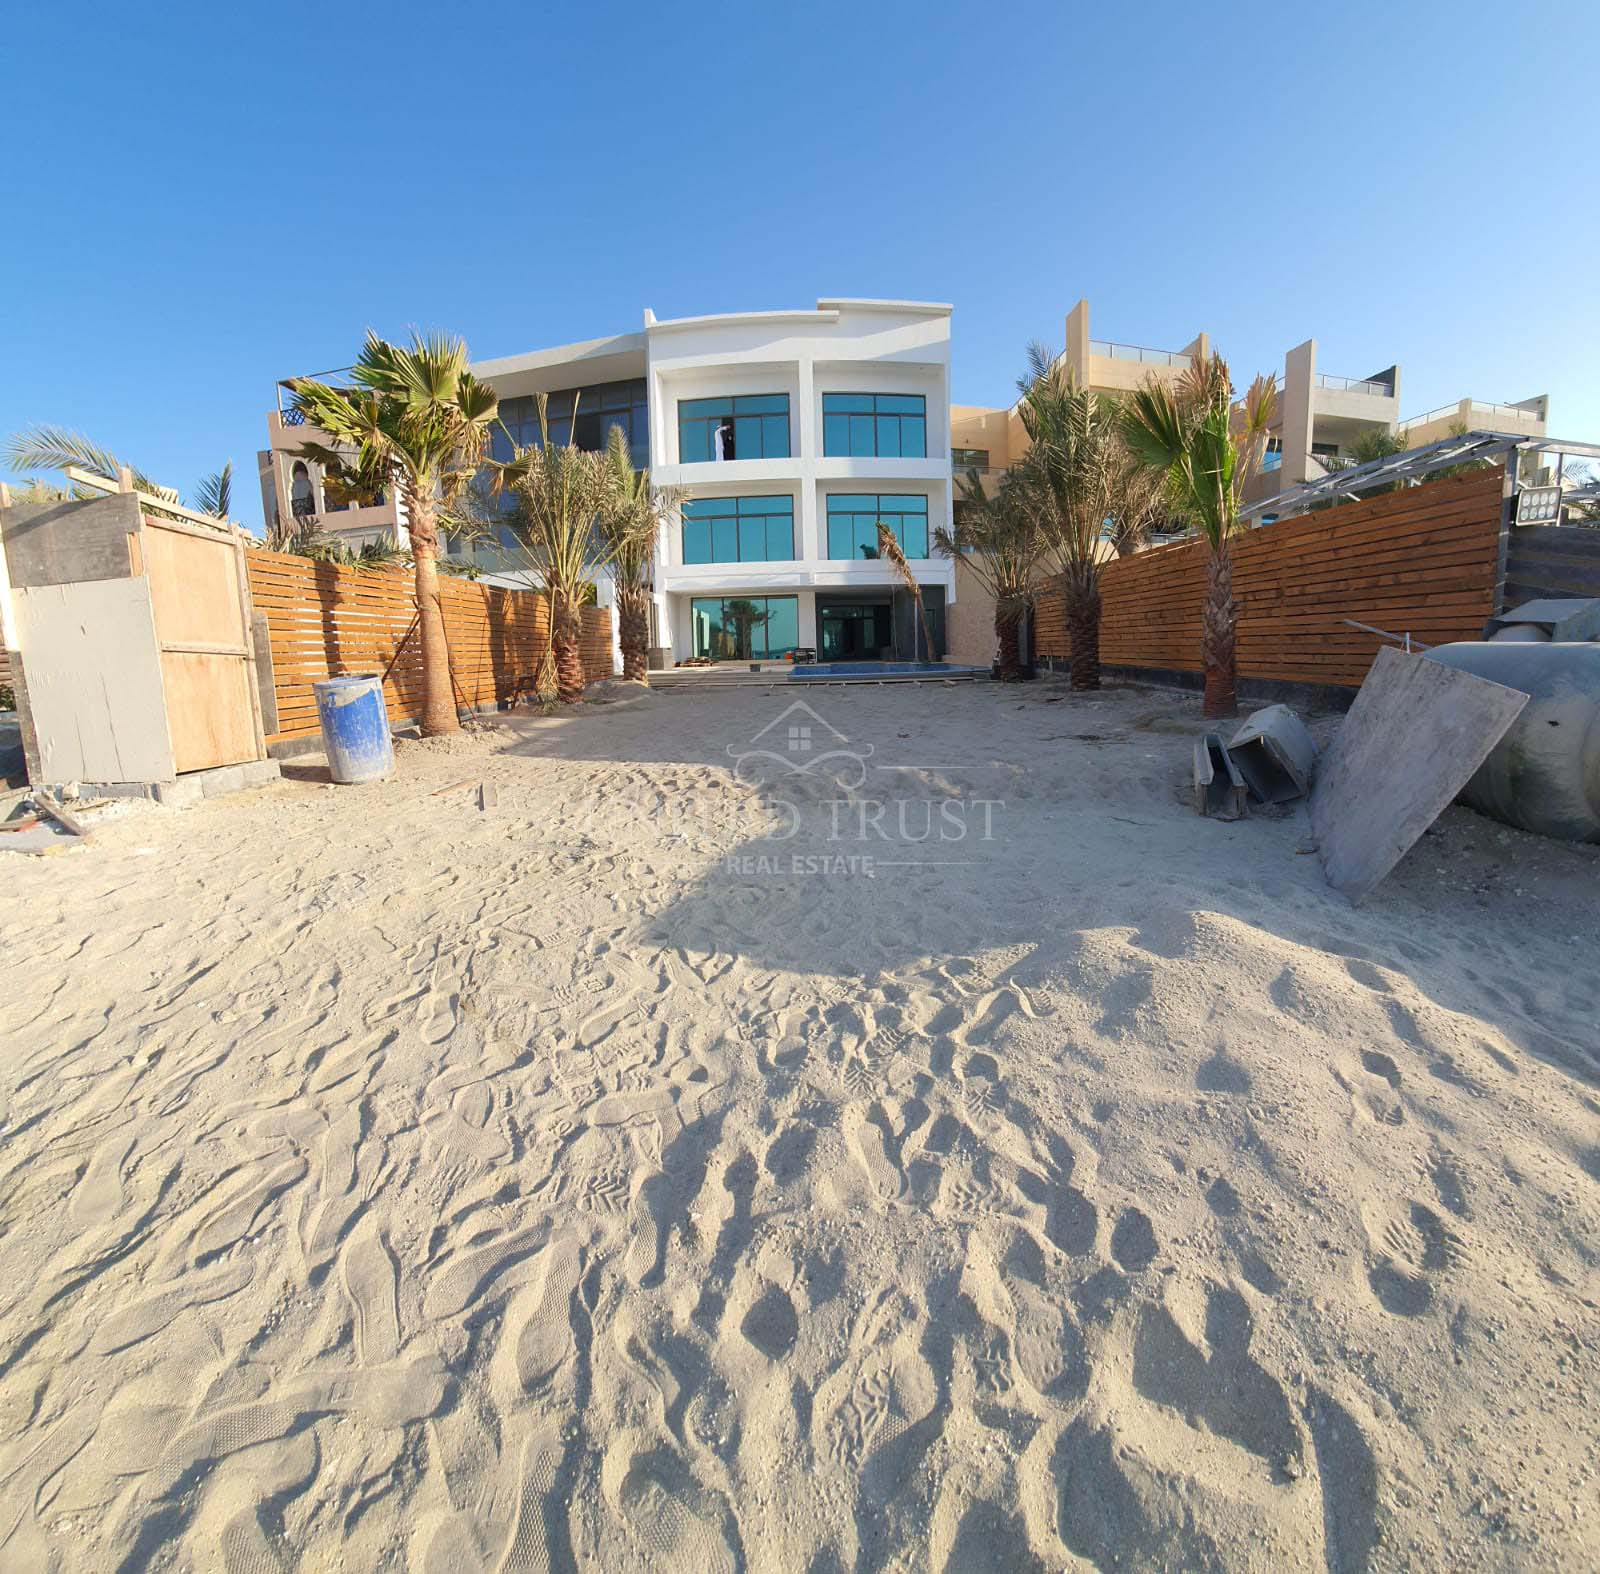 For sale villa in Amwaj open sea. Ref: AMW-AB-041